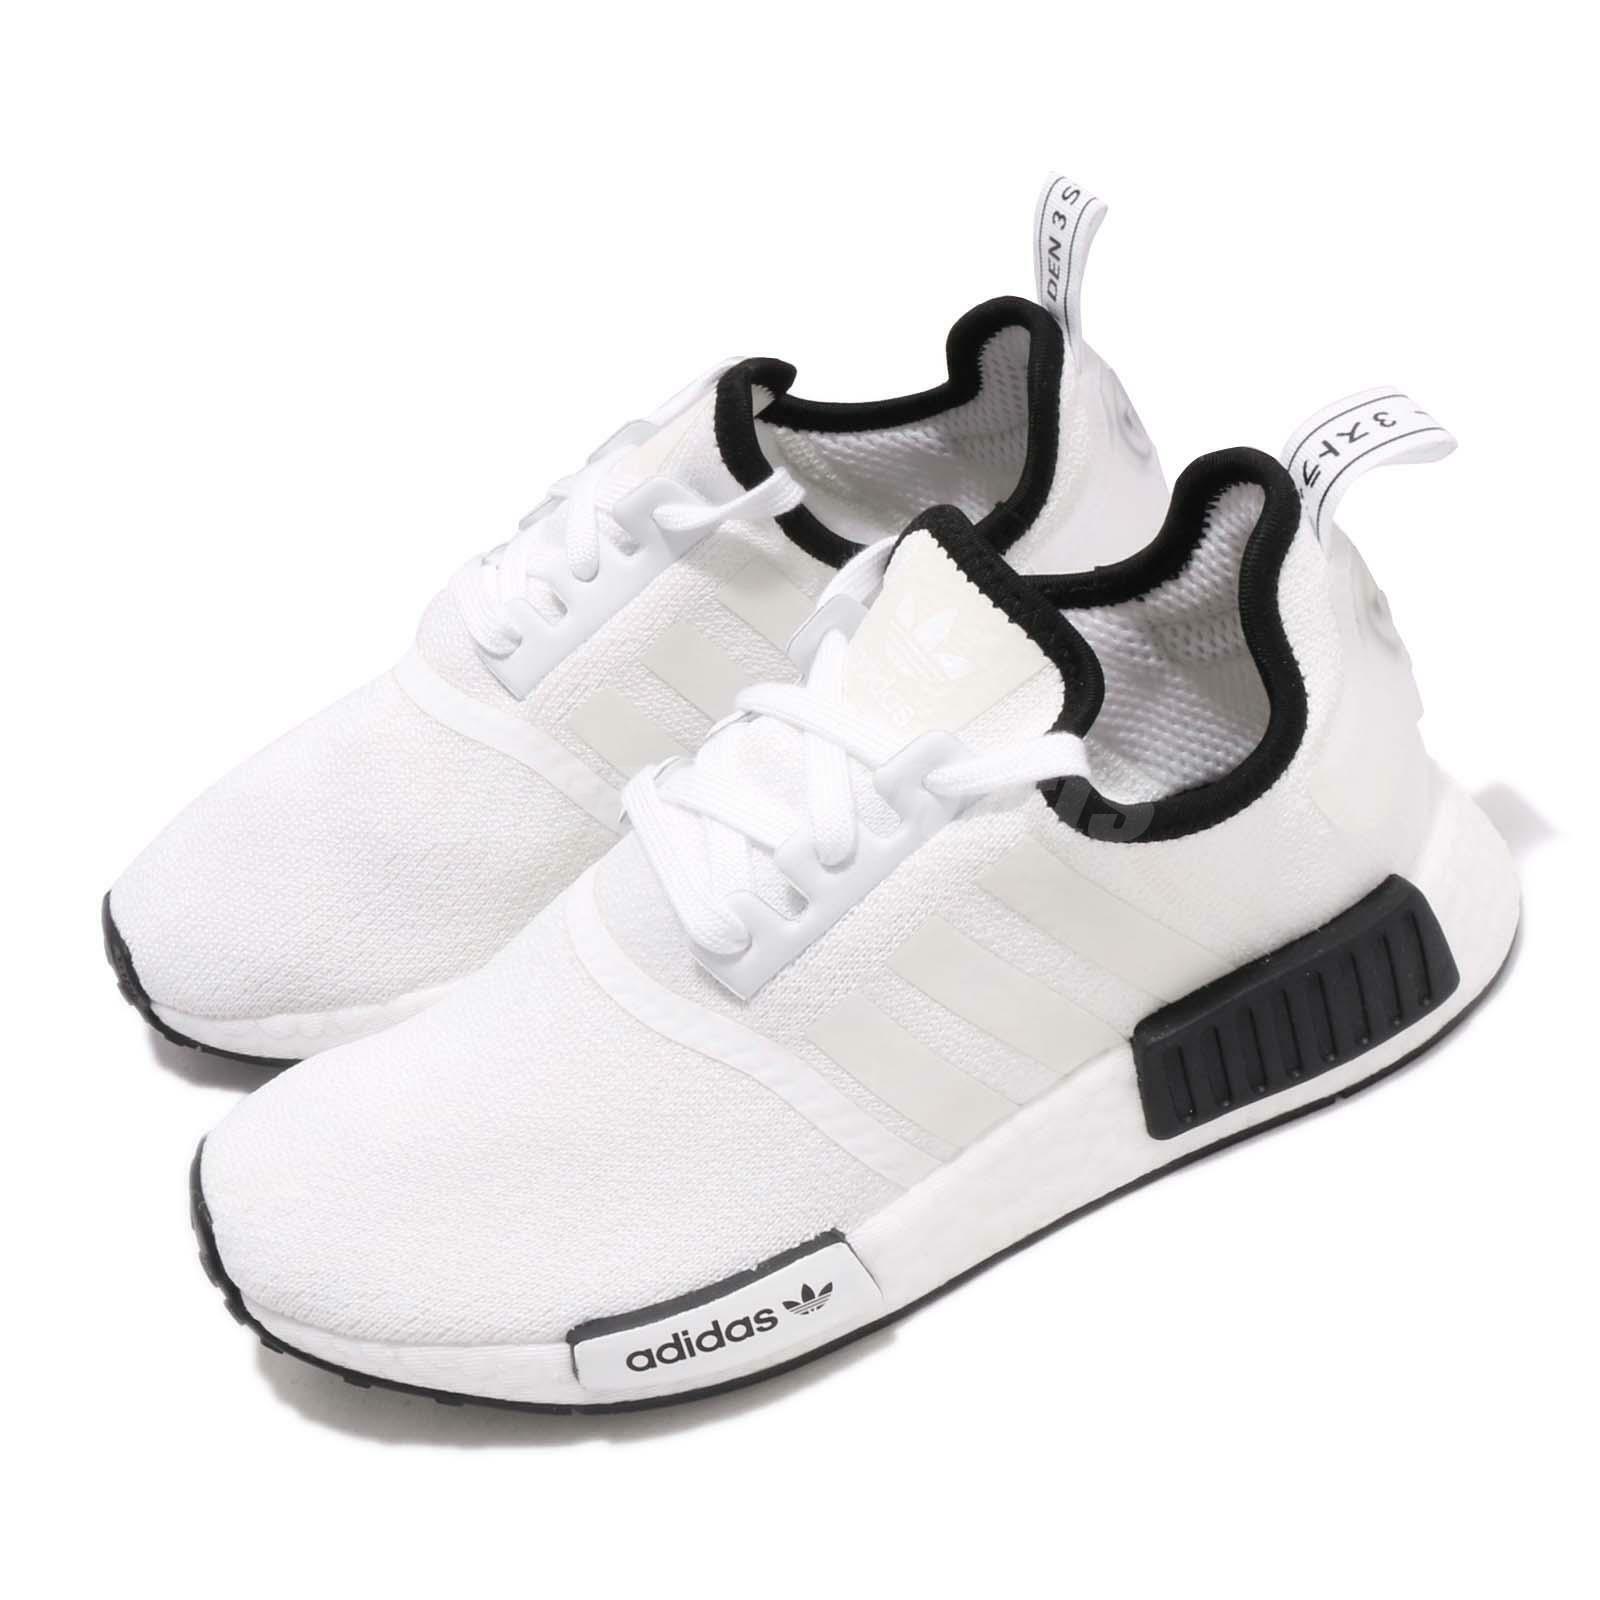 Adidas Originals NMD_R1 blanco negro Men Running Casual zapatos zapatillas DB3587